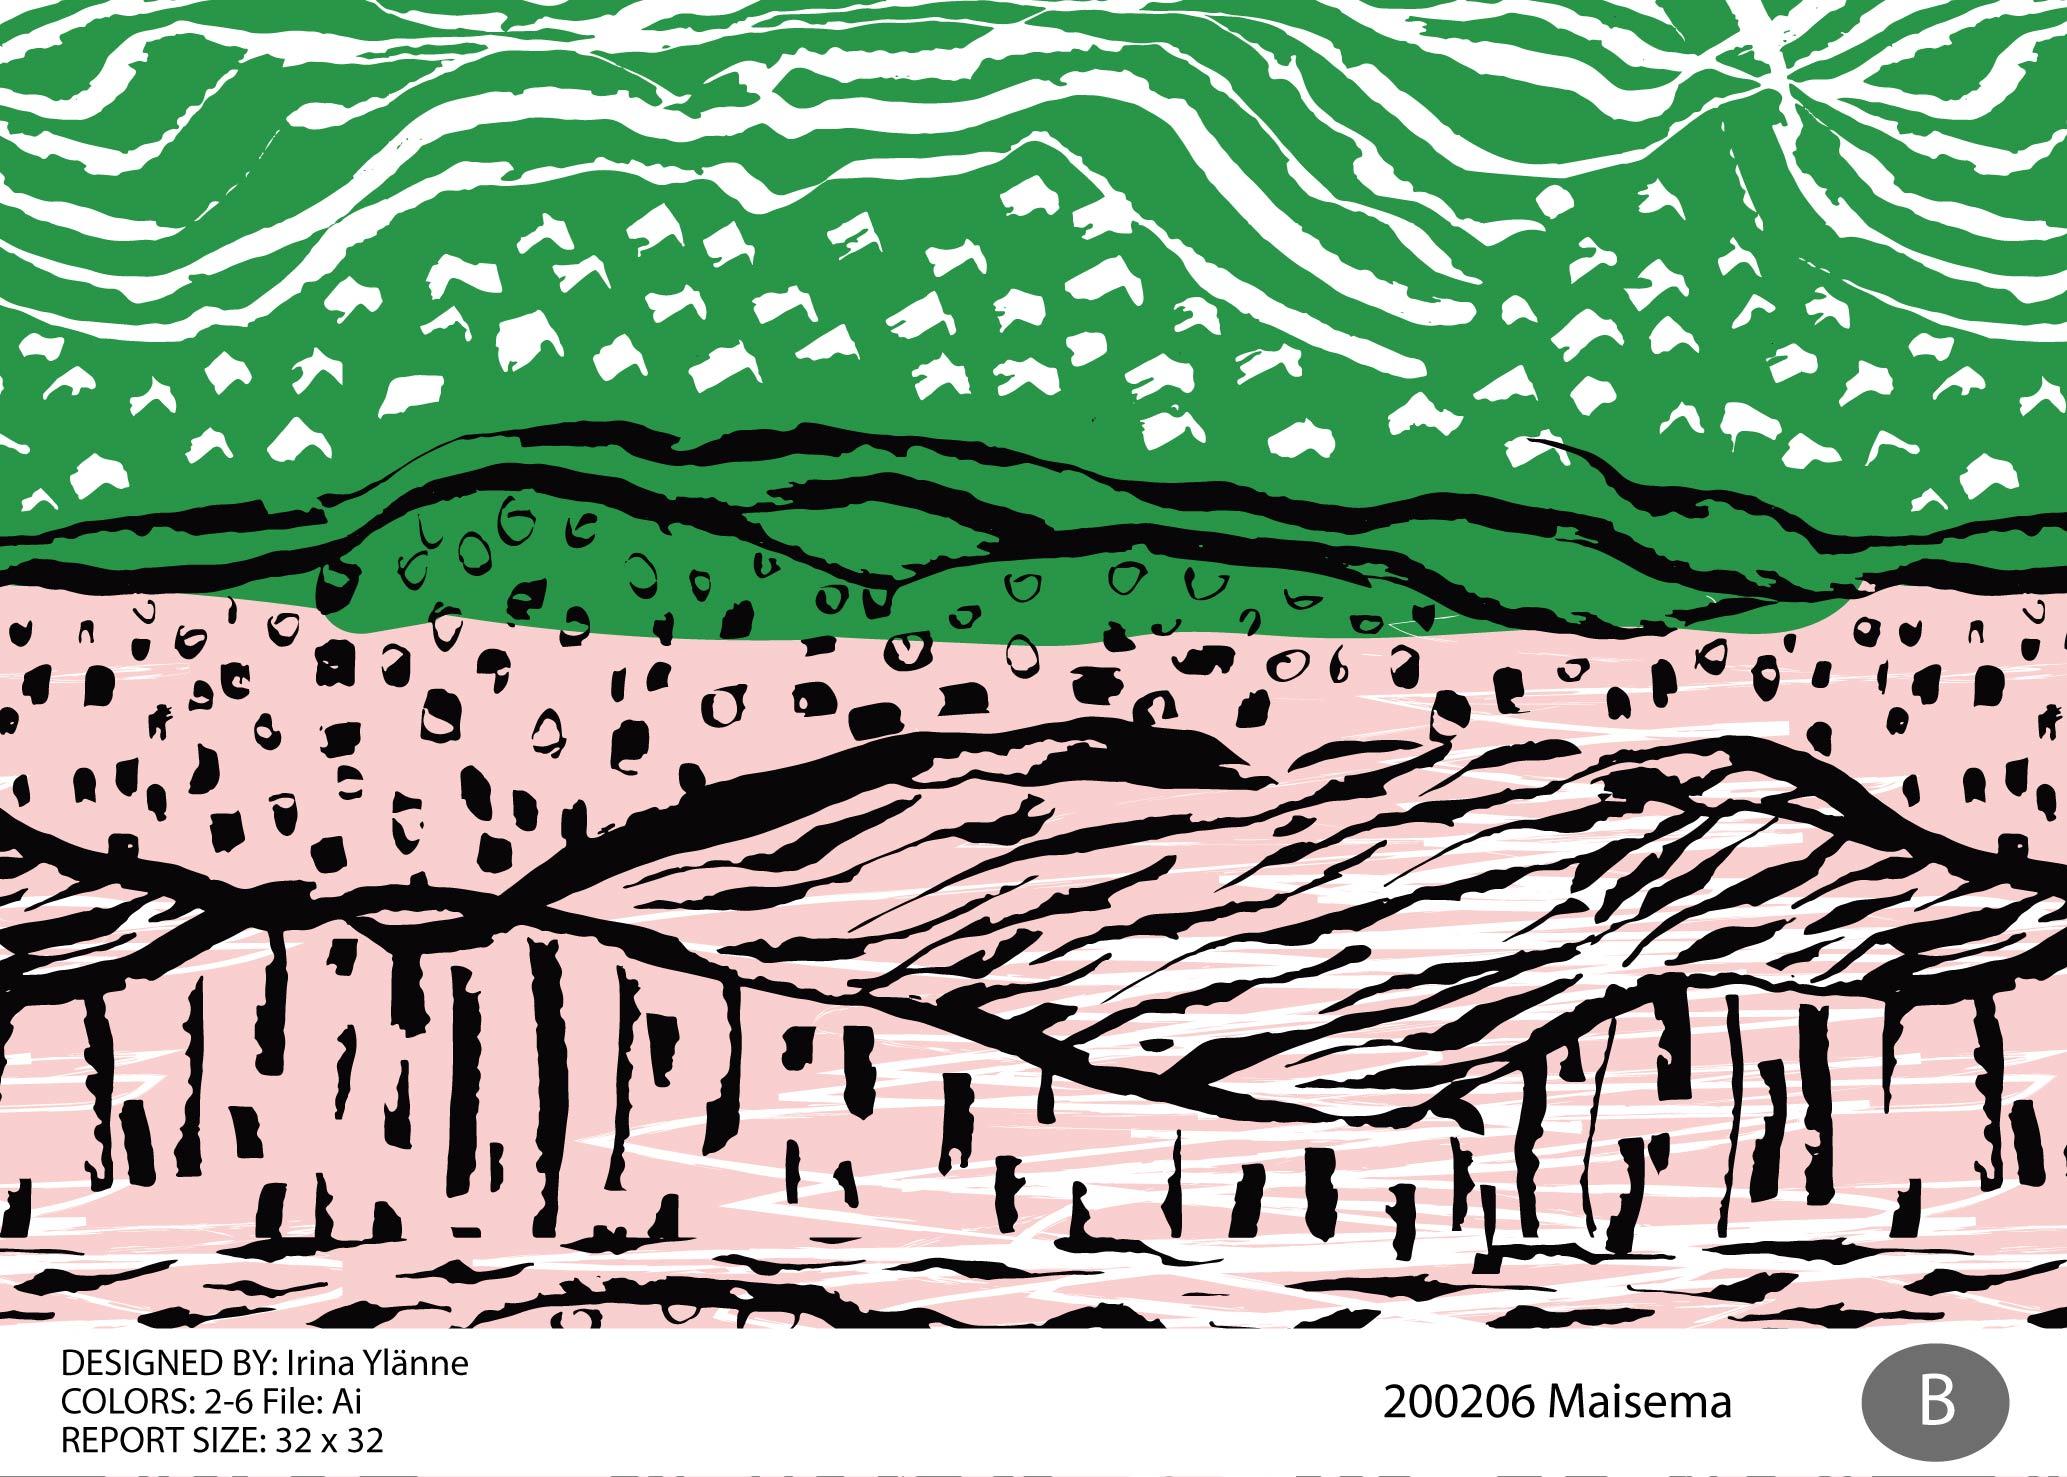 irina_200206_maisema-01